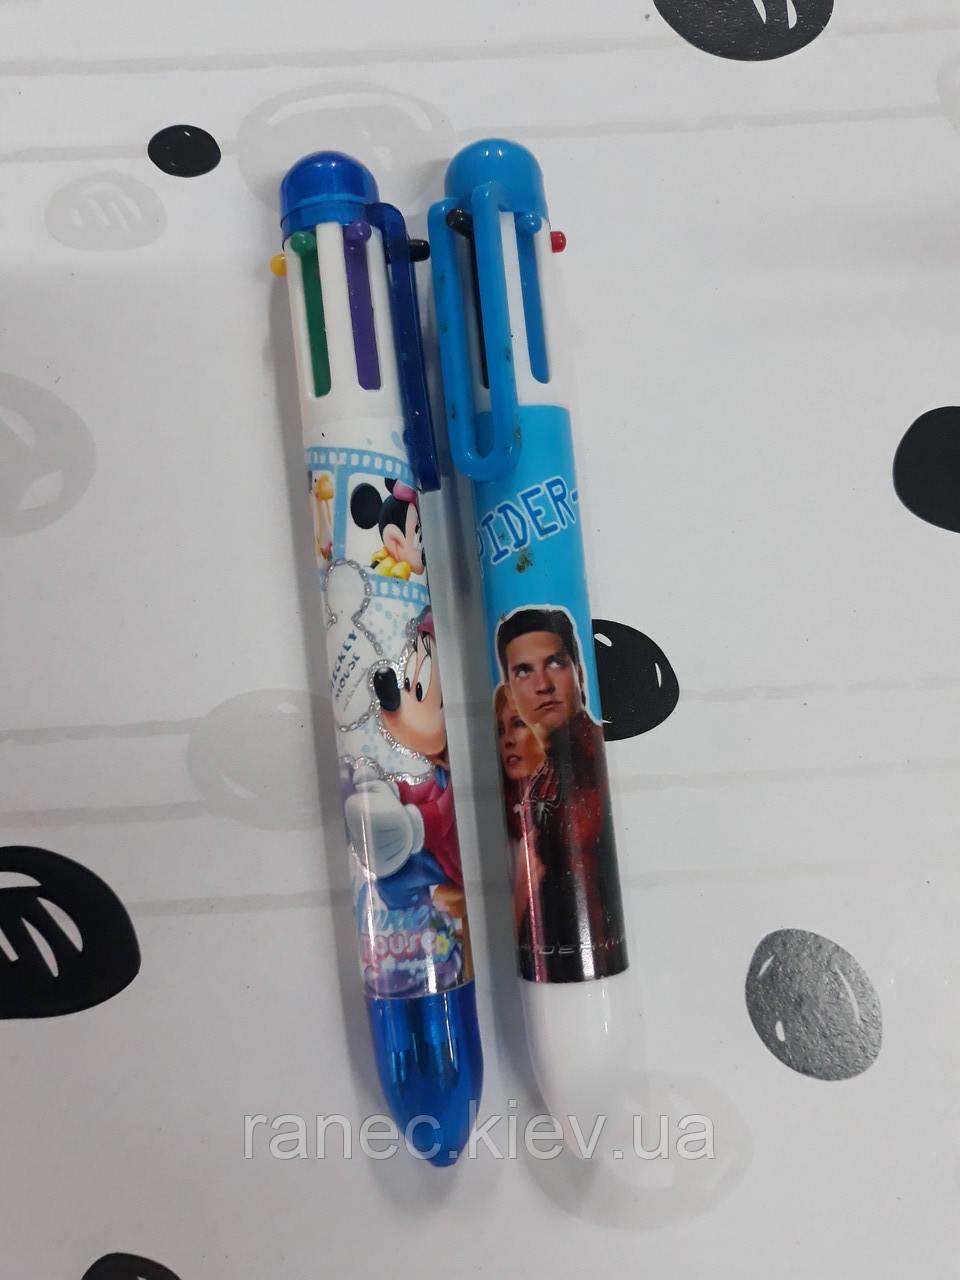 Многоцветная ручка разноцветная шариковая 605-13 голубой корпус